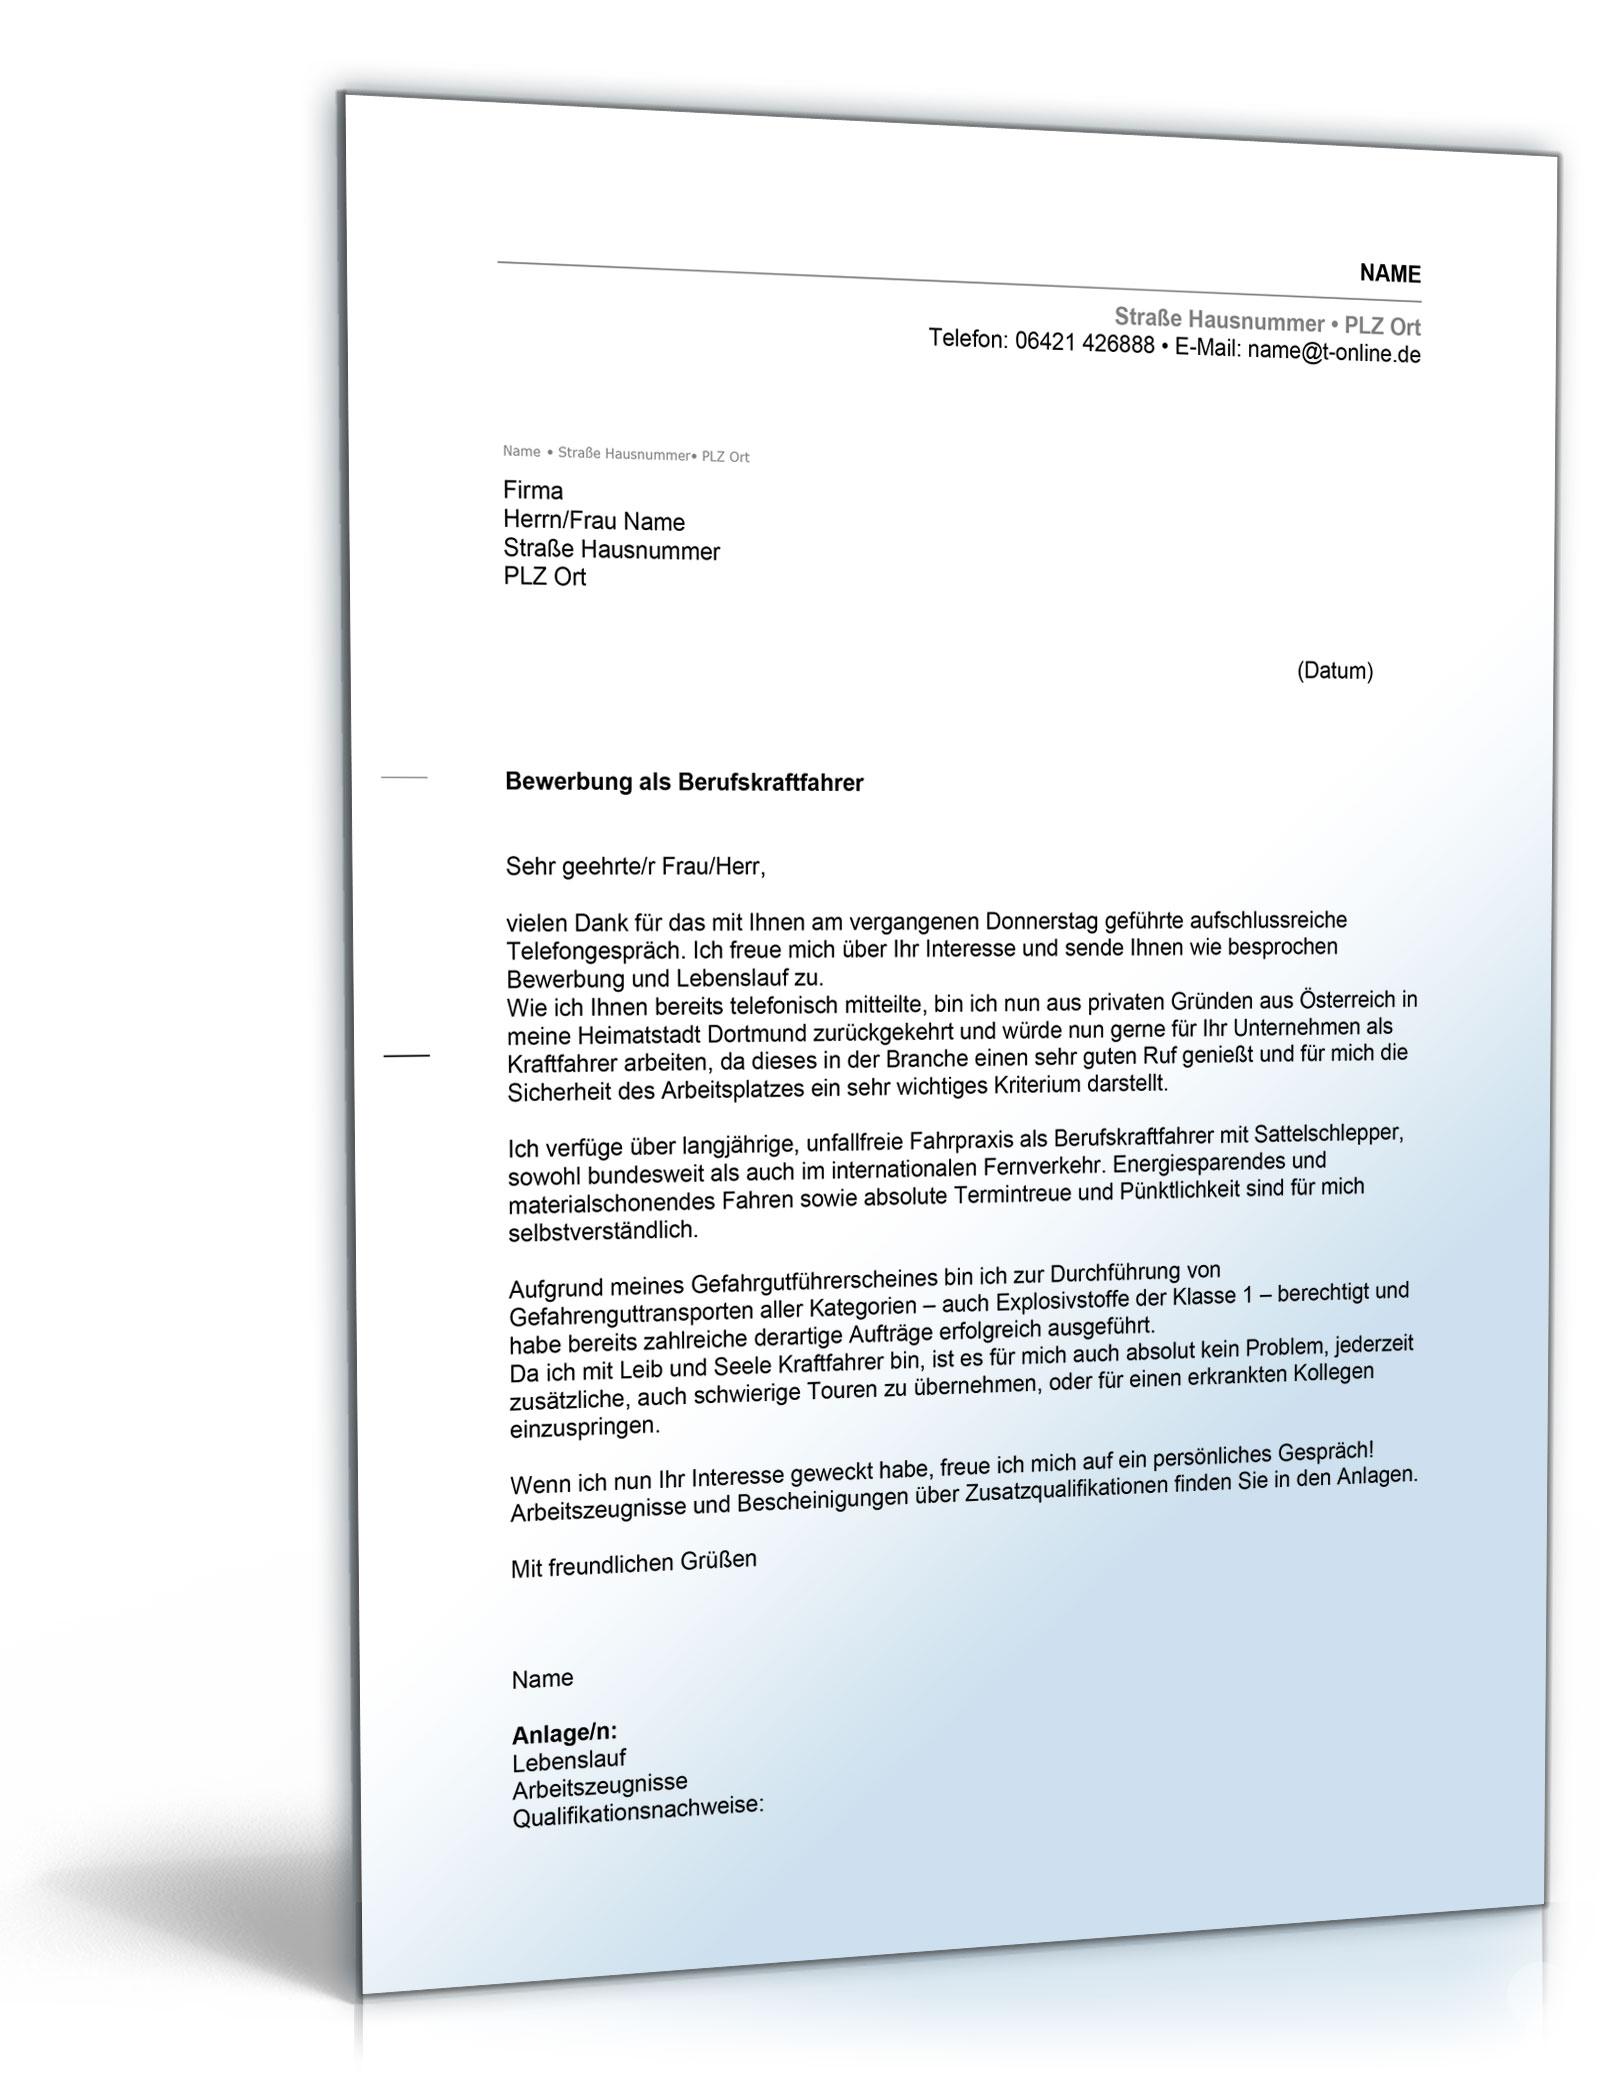 Anschreiben Bewerbung Berufskraftfahrer [Word Dokument]: Amazon.de